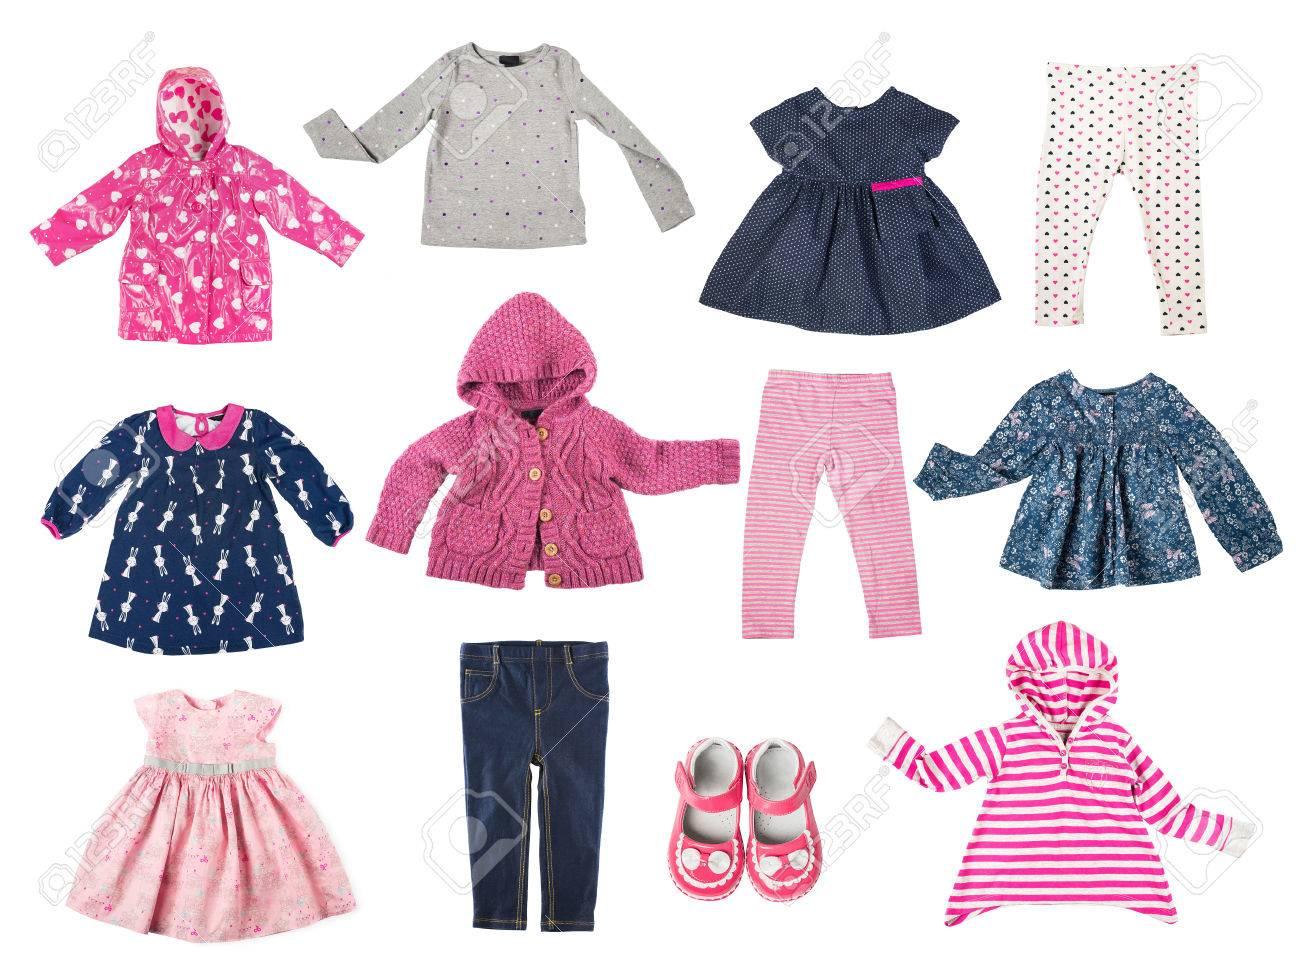 Conjunto De Diferentes Prendas De Vestir De Los Niños Camisas Chaqueta Camisa Pantalones Zapatos Vestidos Armario Del Bebé Aislado En El Fondo